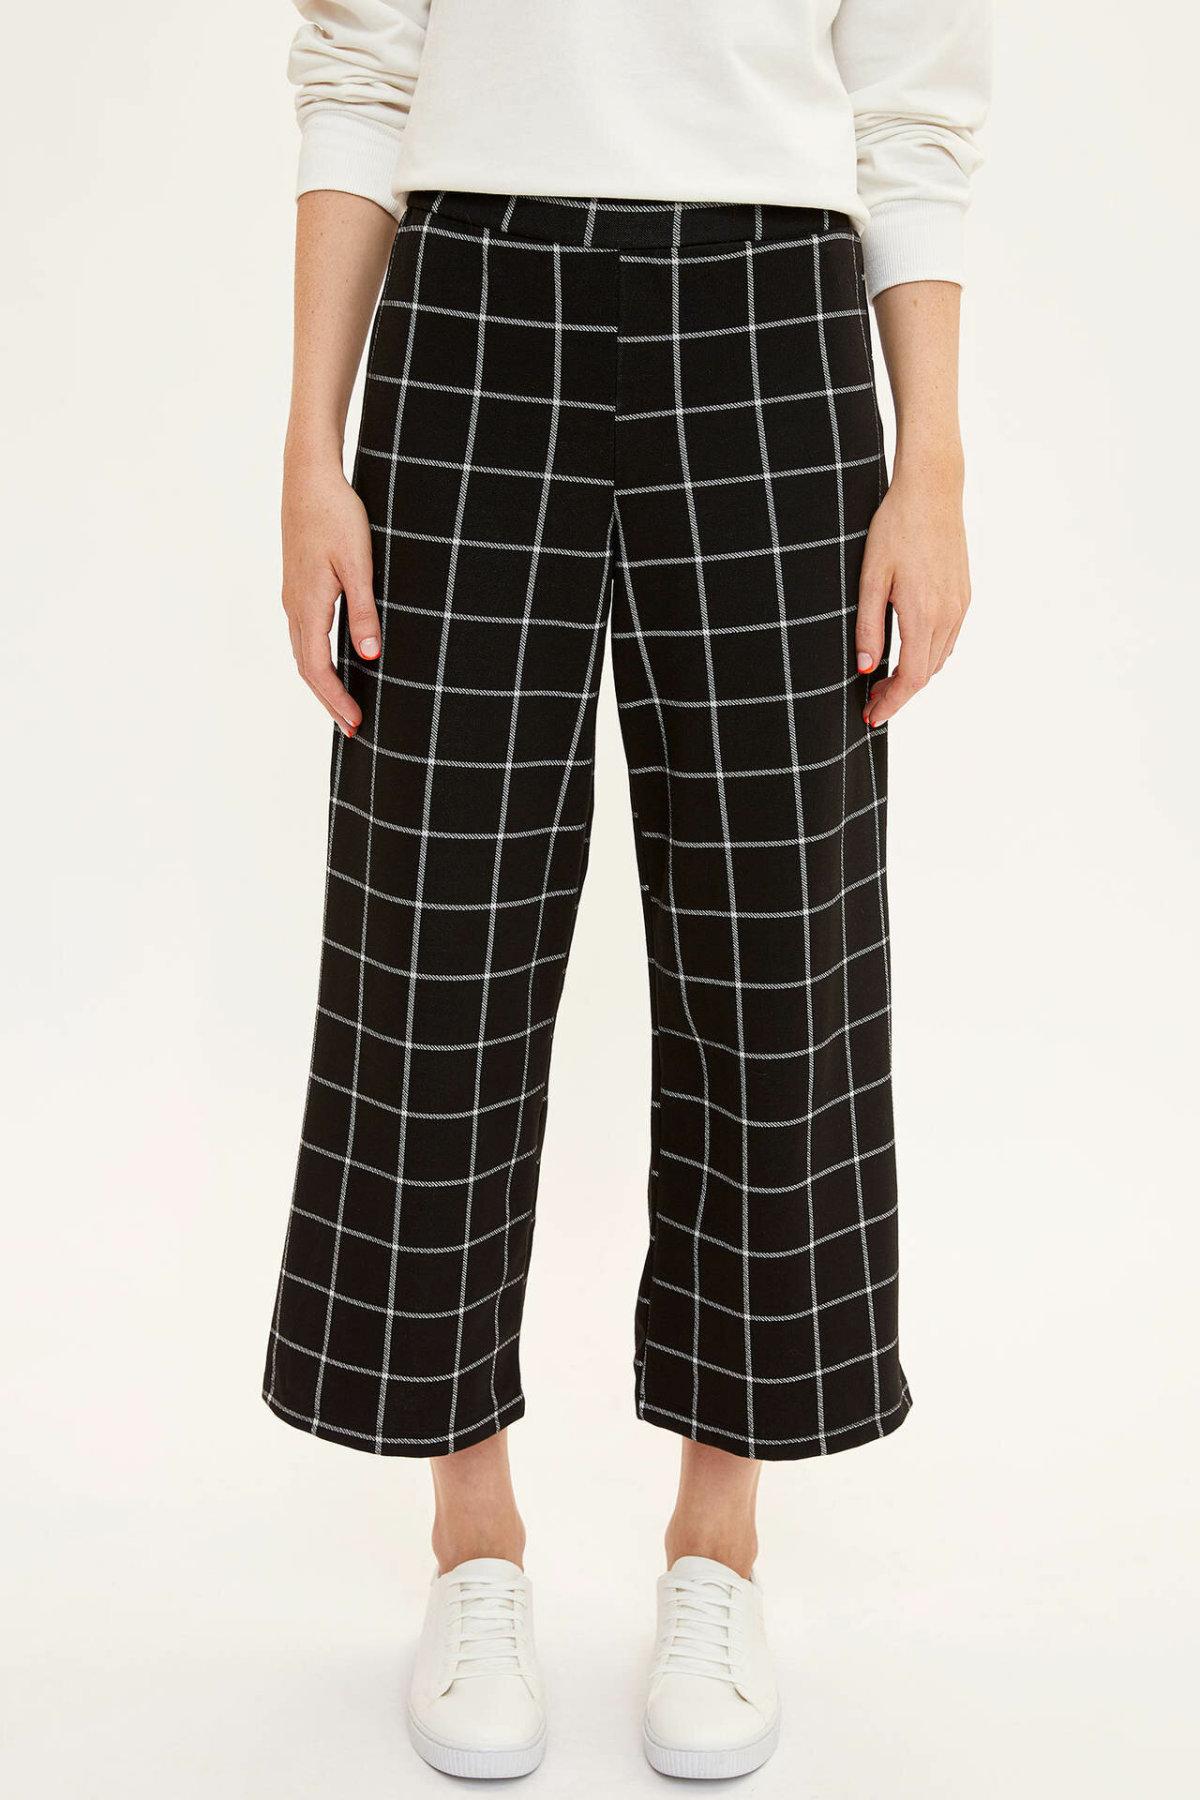 DeFacto Female Fashion Plaid Leisure Loose Trousers For Ladies Casual Striaght Pants Comfort Crop Pants Women's New-L4136AZ19AU